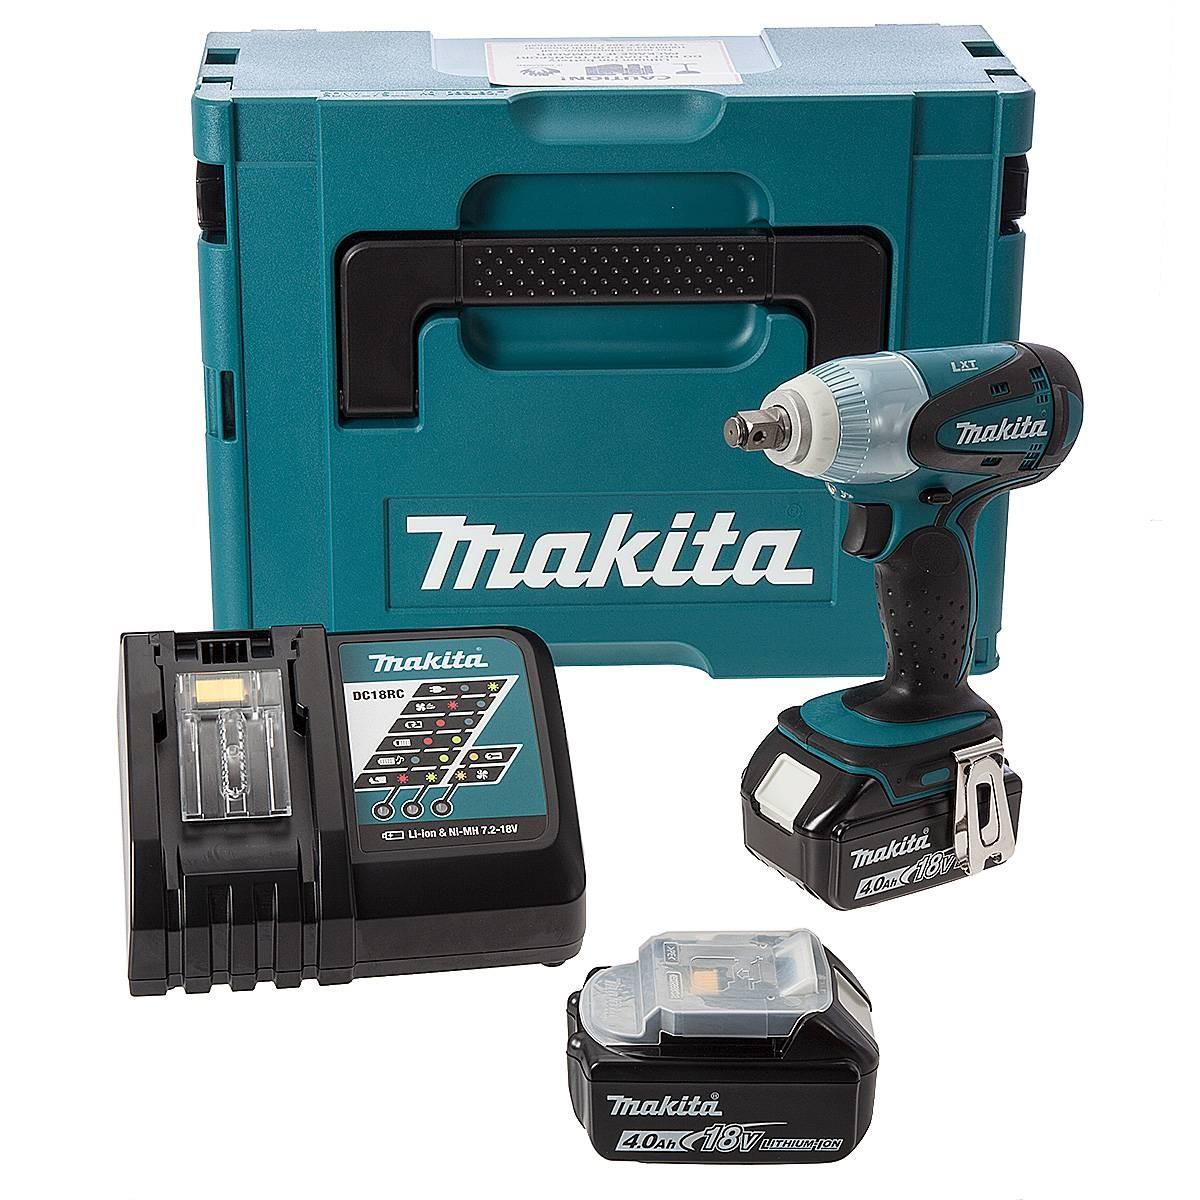 Slagmuttertrekker Makita DTW190RFJ 14,4 V 2x3,0 Ah batt.